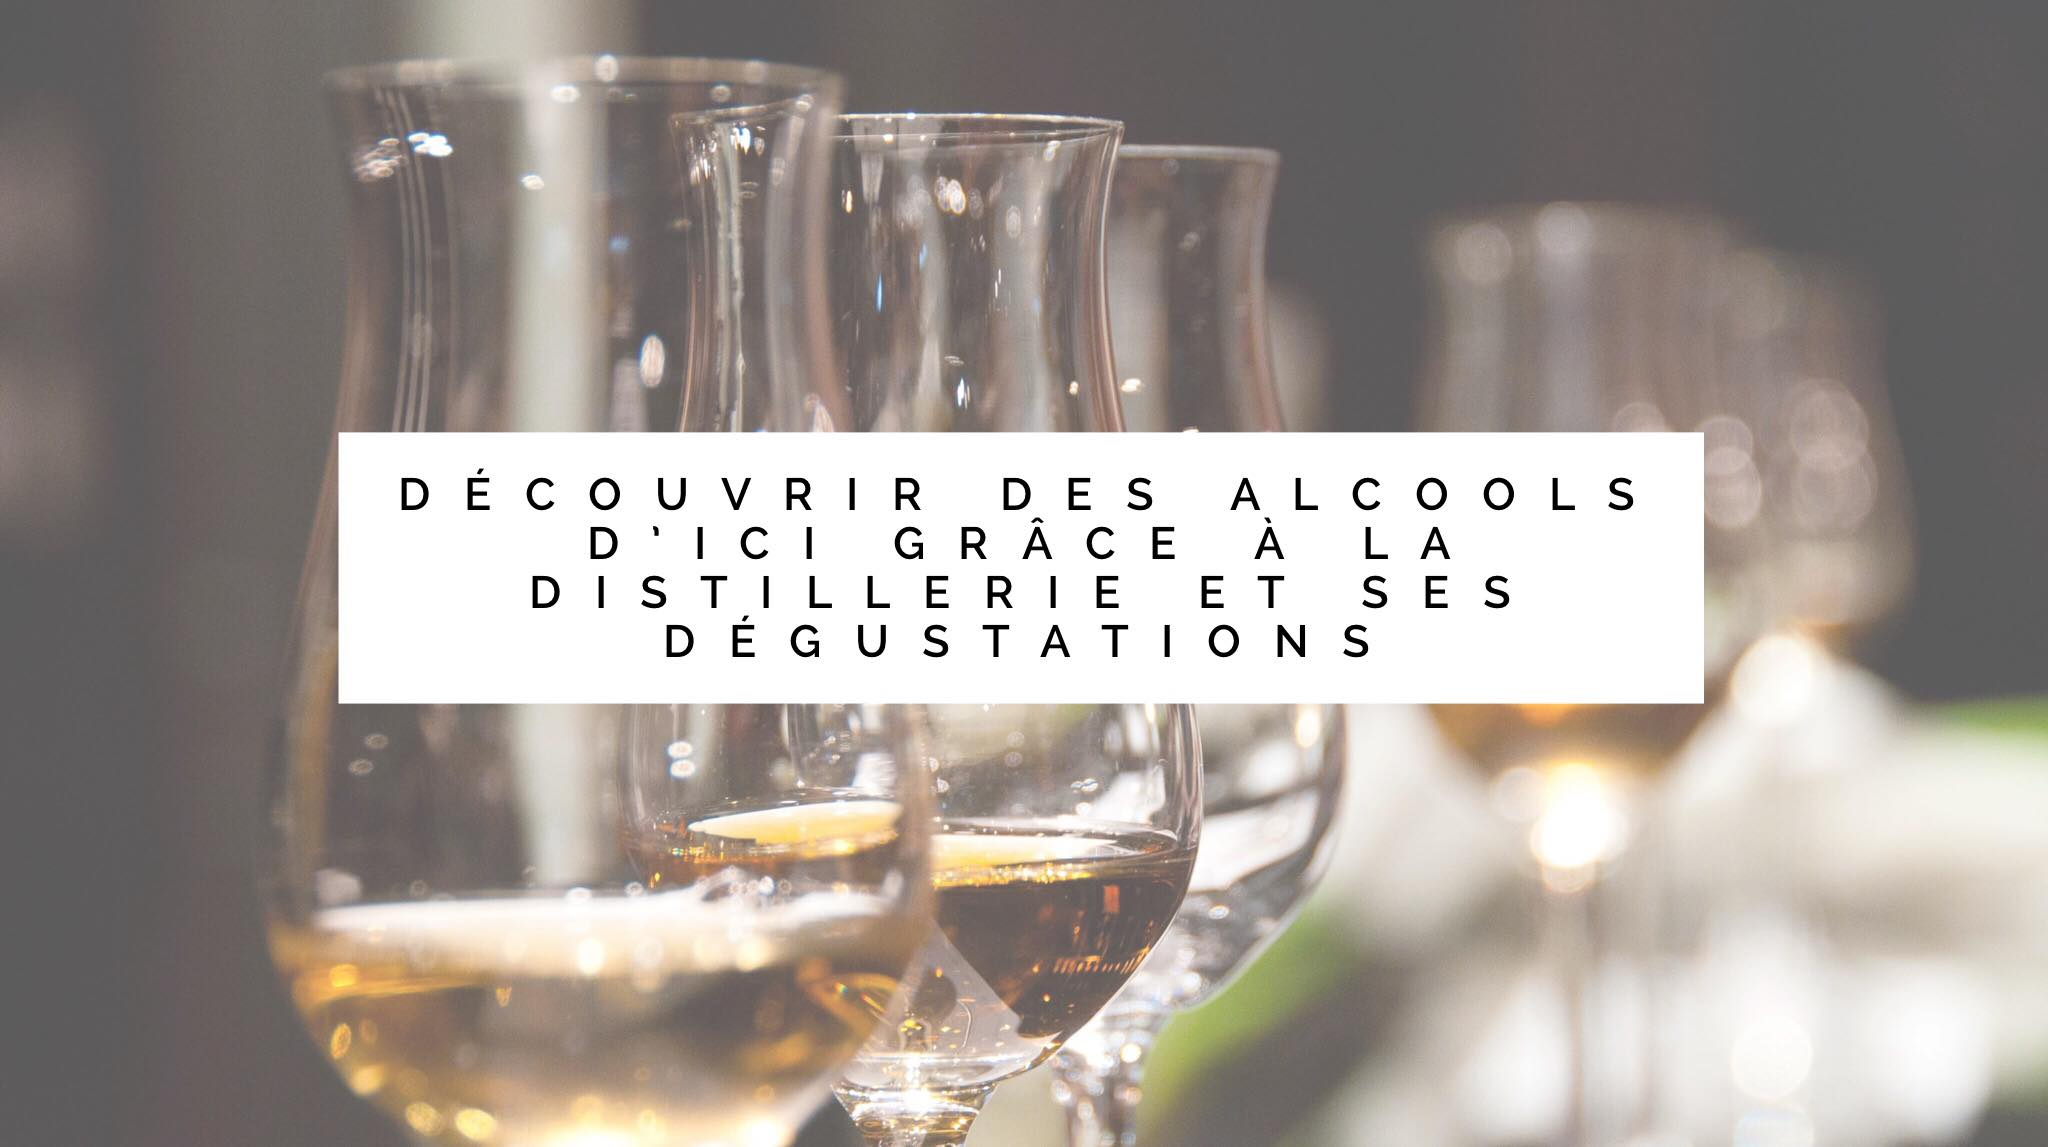 Découvrir des alcools, comme le gin, lors d'une dégustation à la Distillerie.